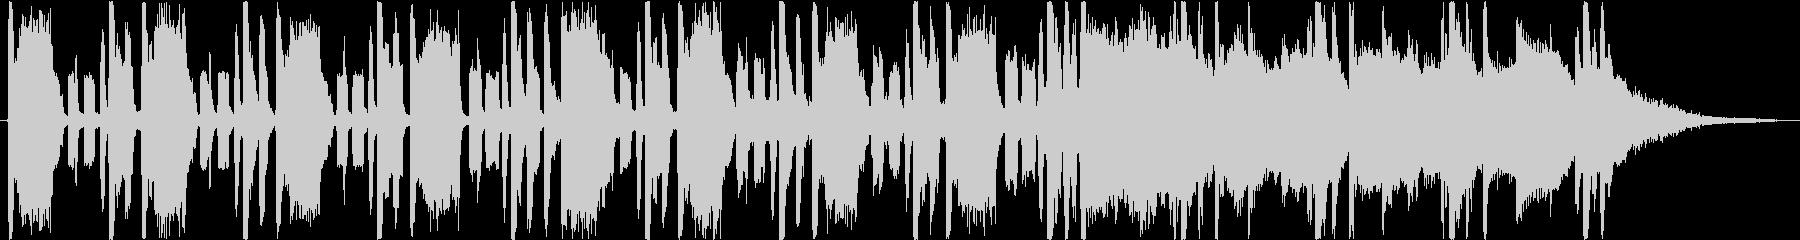 短縮版】ダブステップ コミカル オシャレの未再生の波形